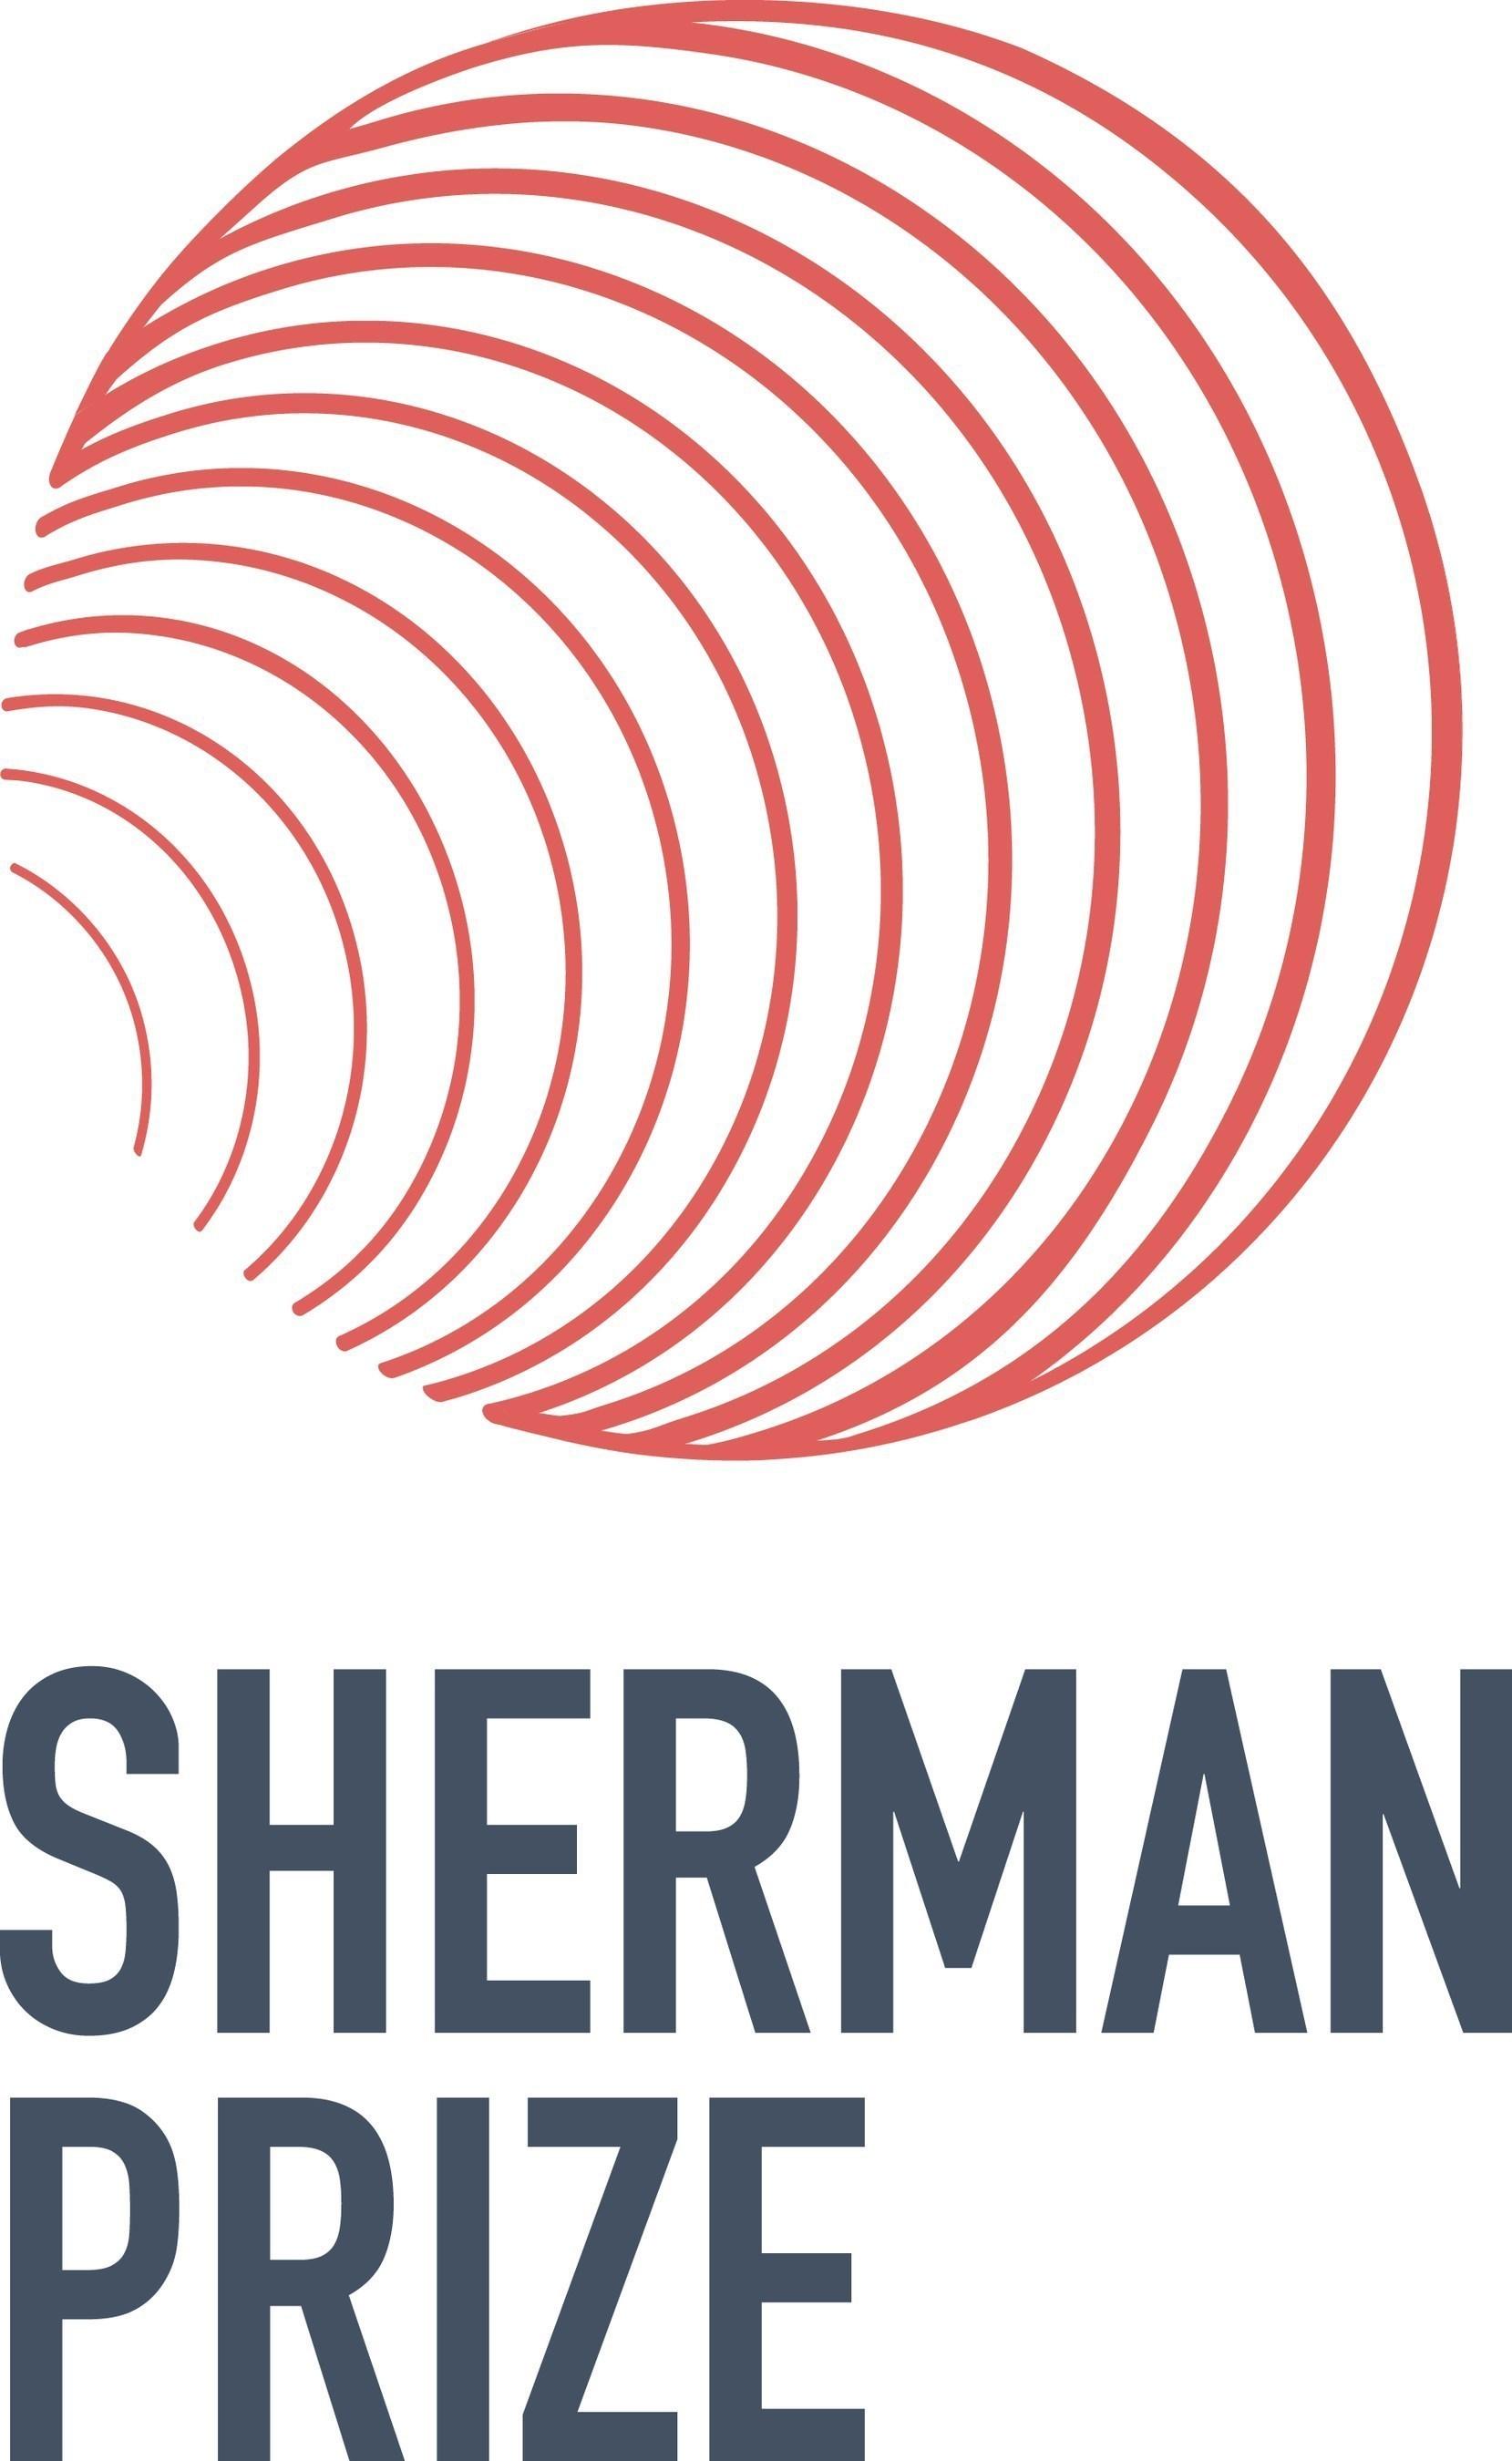 sherman_prize_logo_Logo